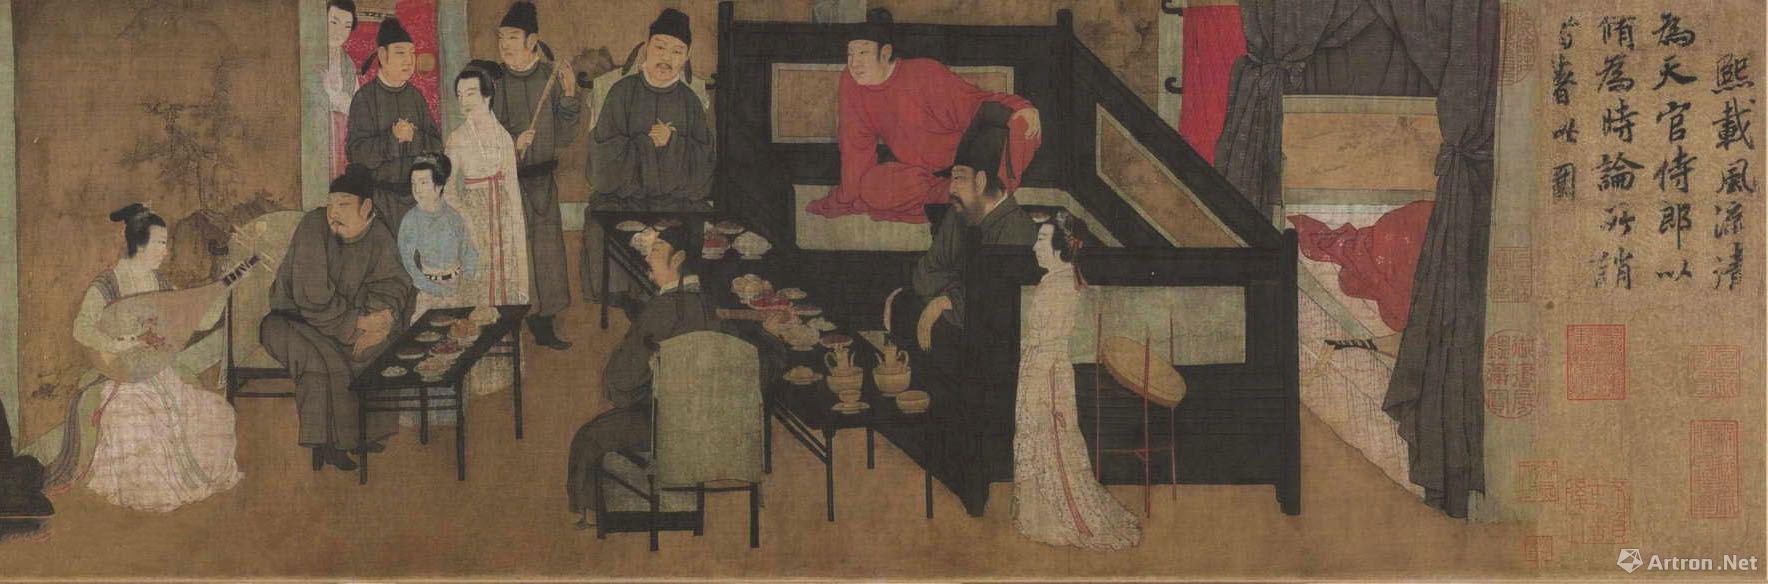 五代顾闳中人物画卷《韩熙载夜宴图》局部 北京故宫博物院藏